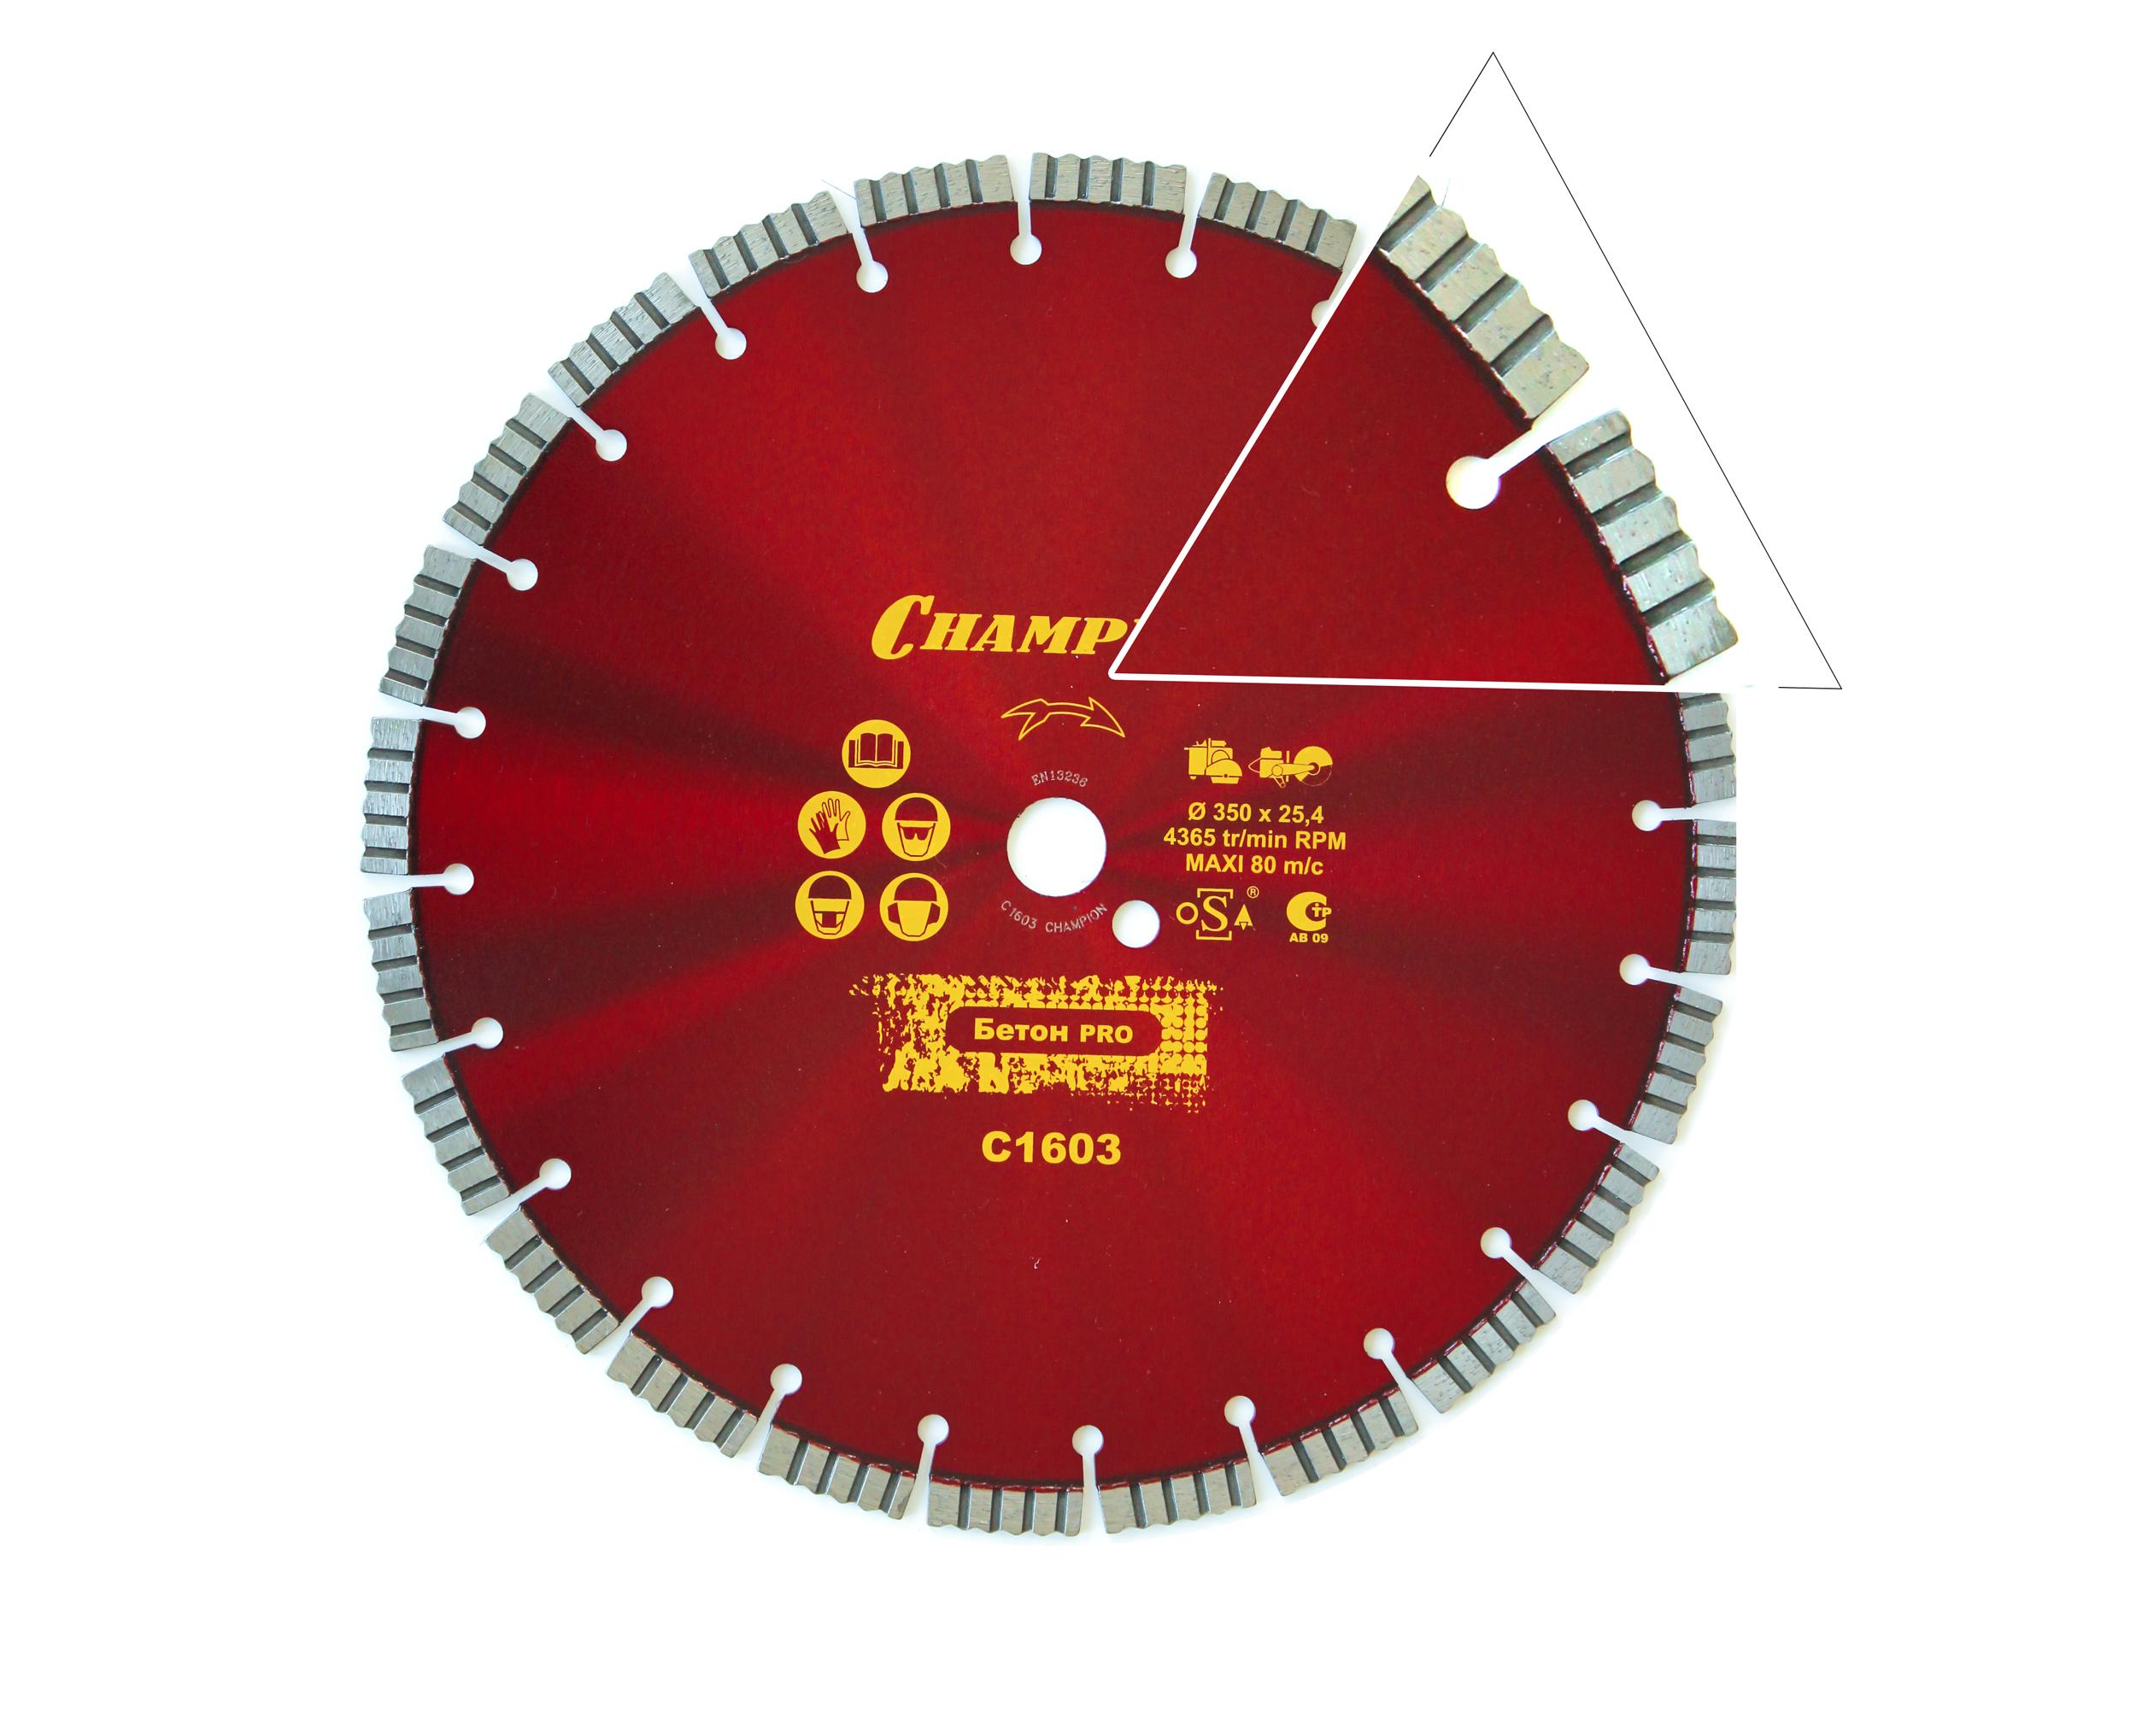 Круг алмазный Champion C1601 диск алмазный champion бетон st 400 25 4 10 concremax